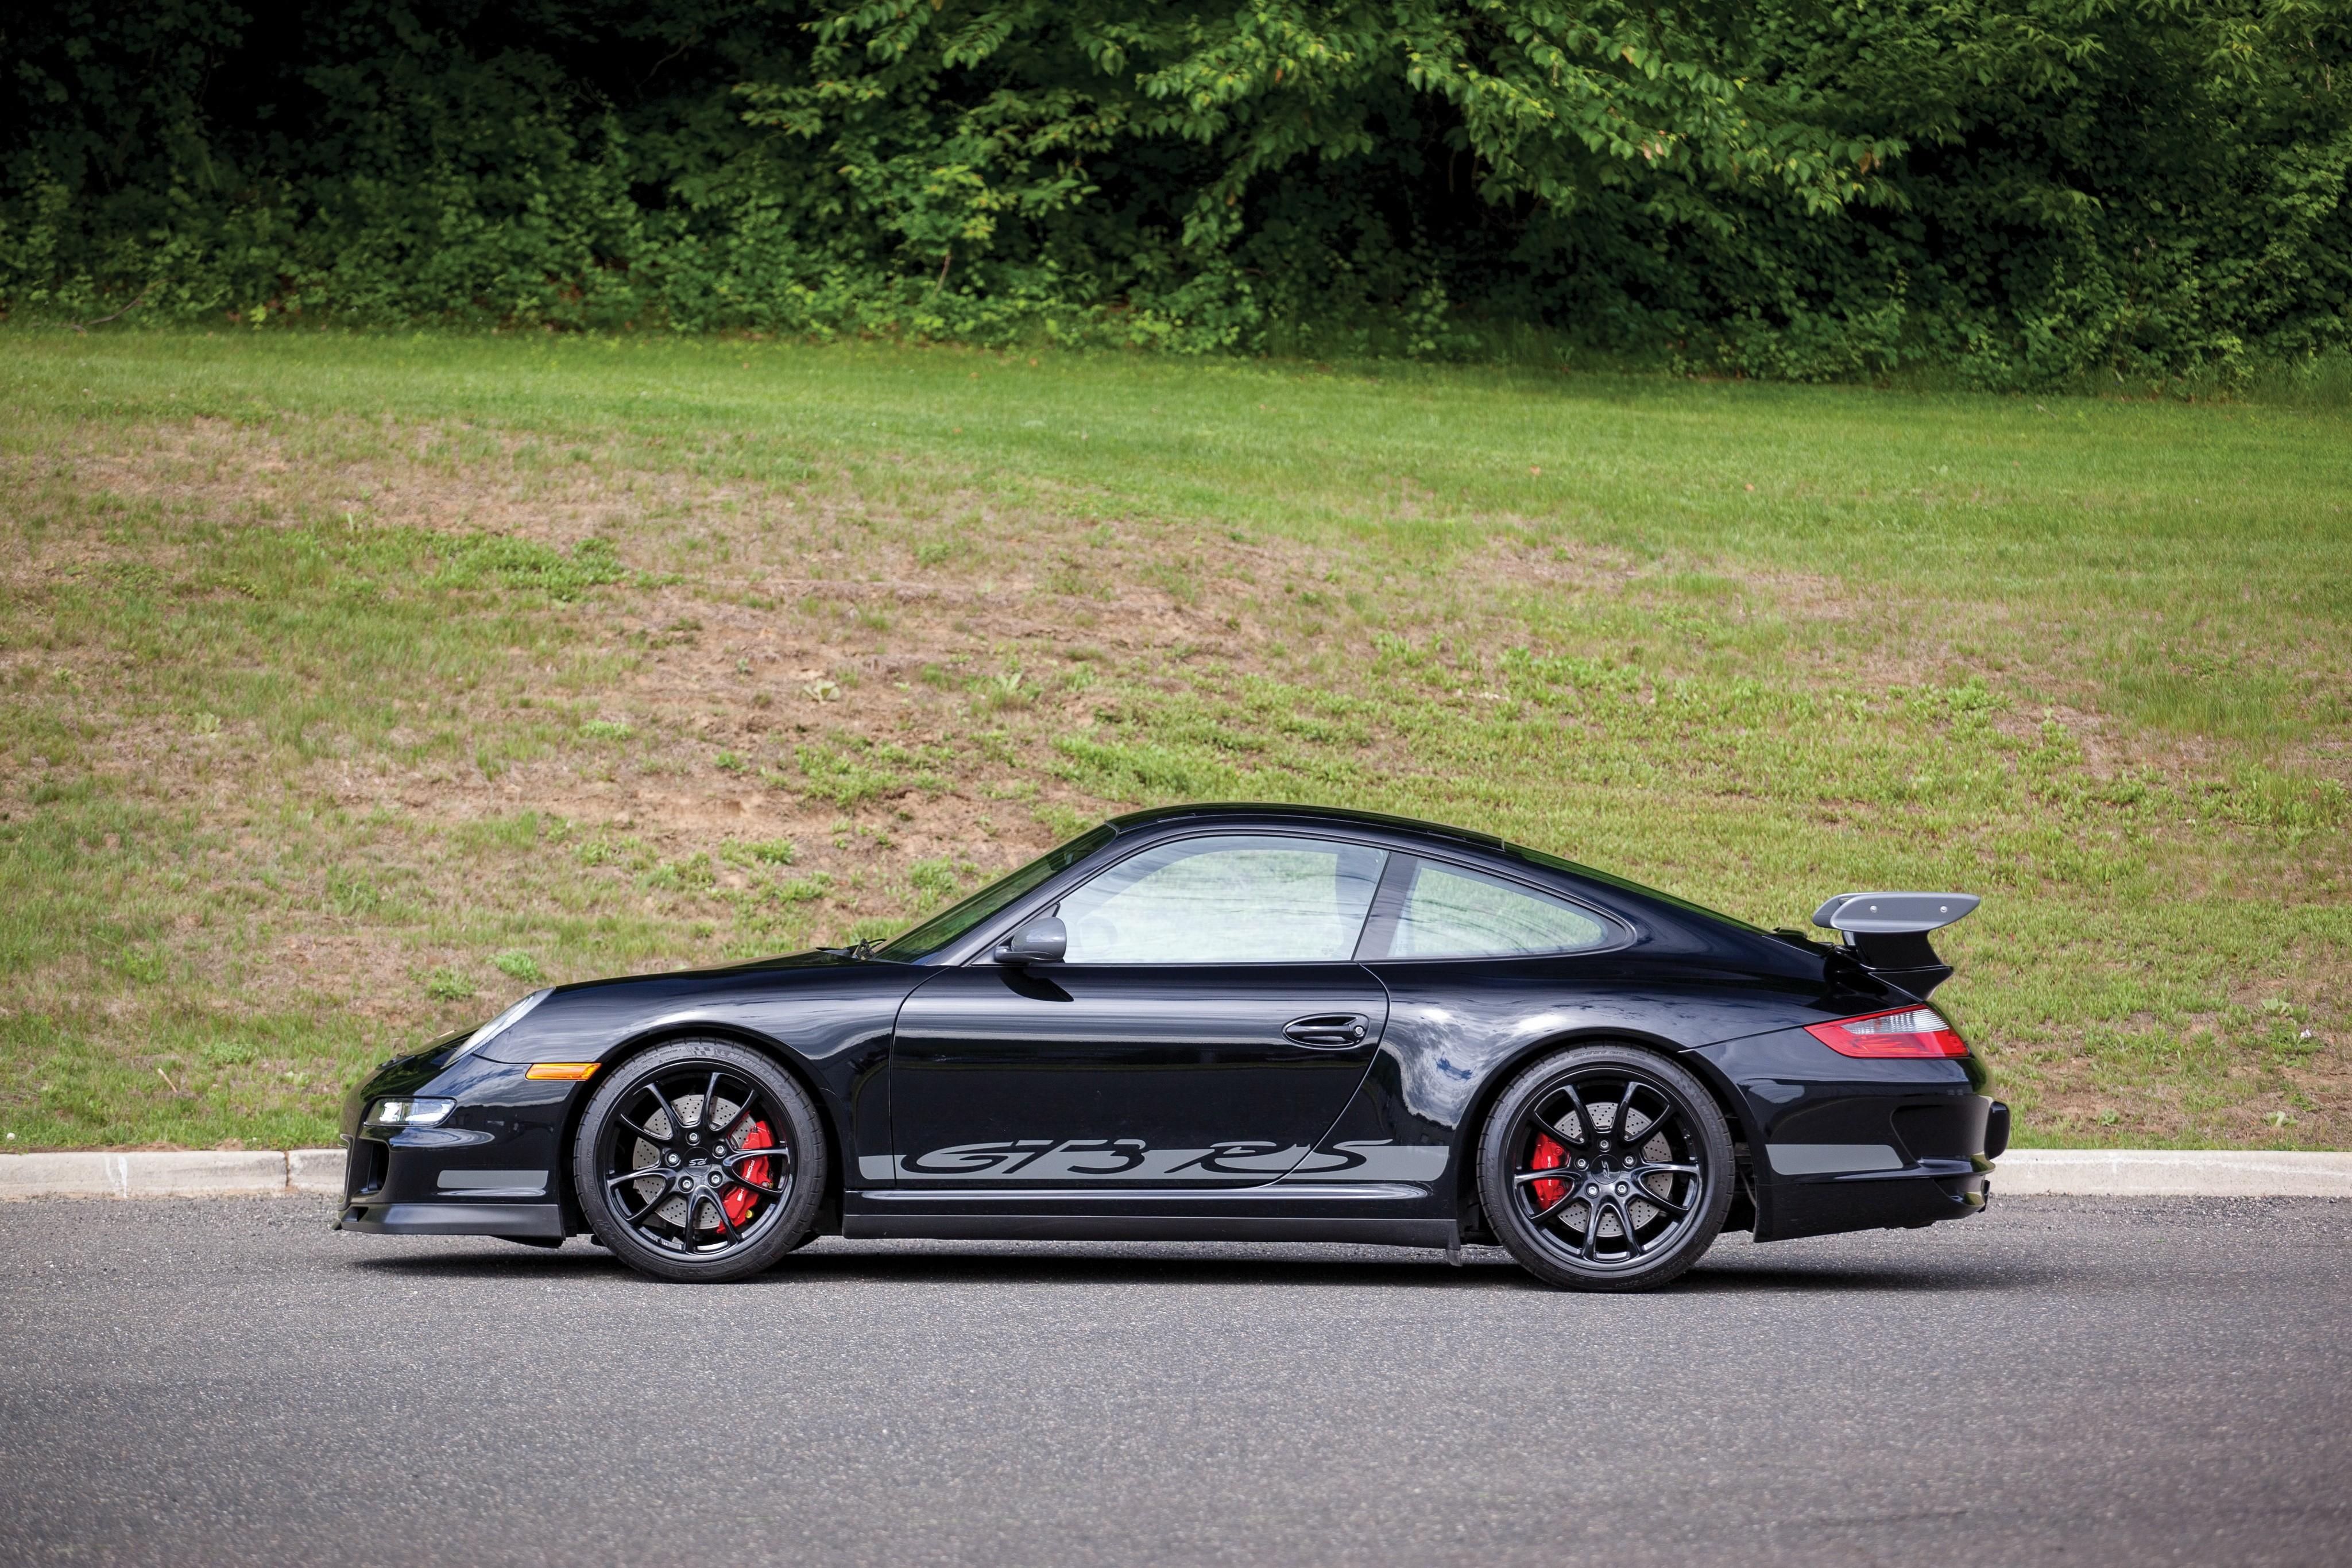 PORSCHE-911-GT3-RS--997--1193_17 Stunning 2008 Porsche 911 Gt2 Horsepower Cars Trend